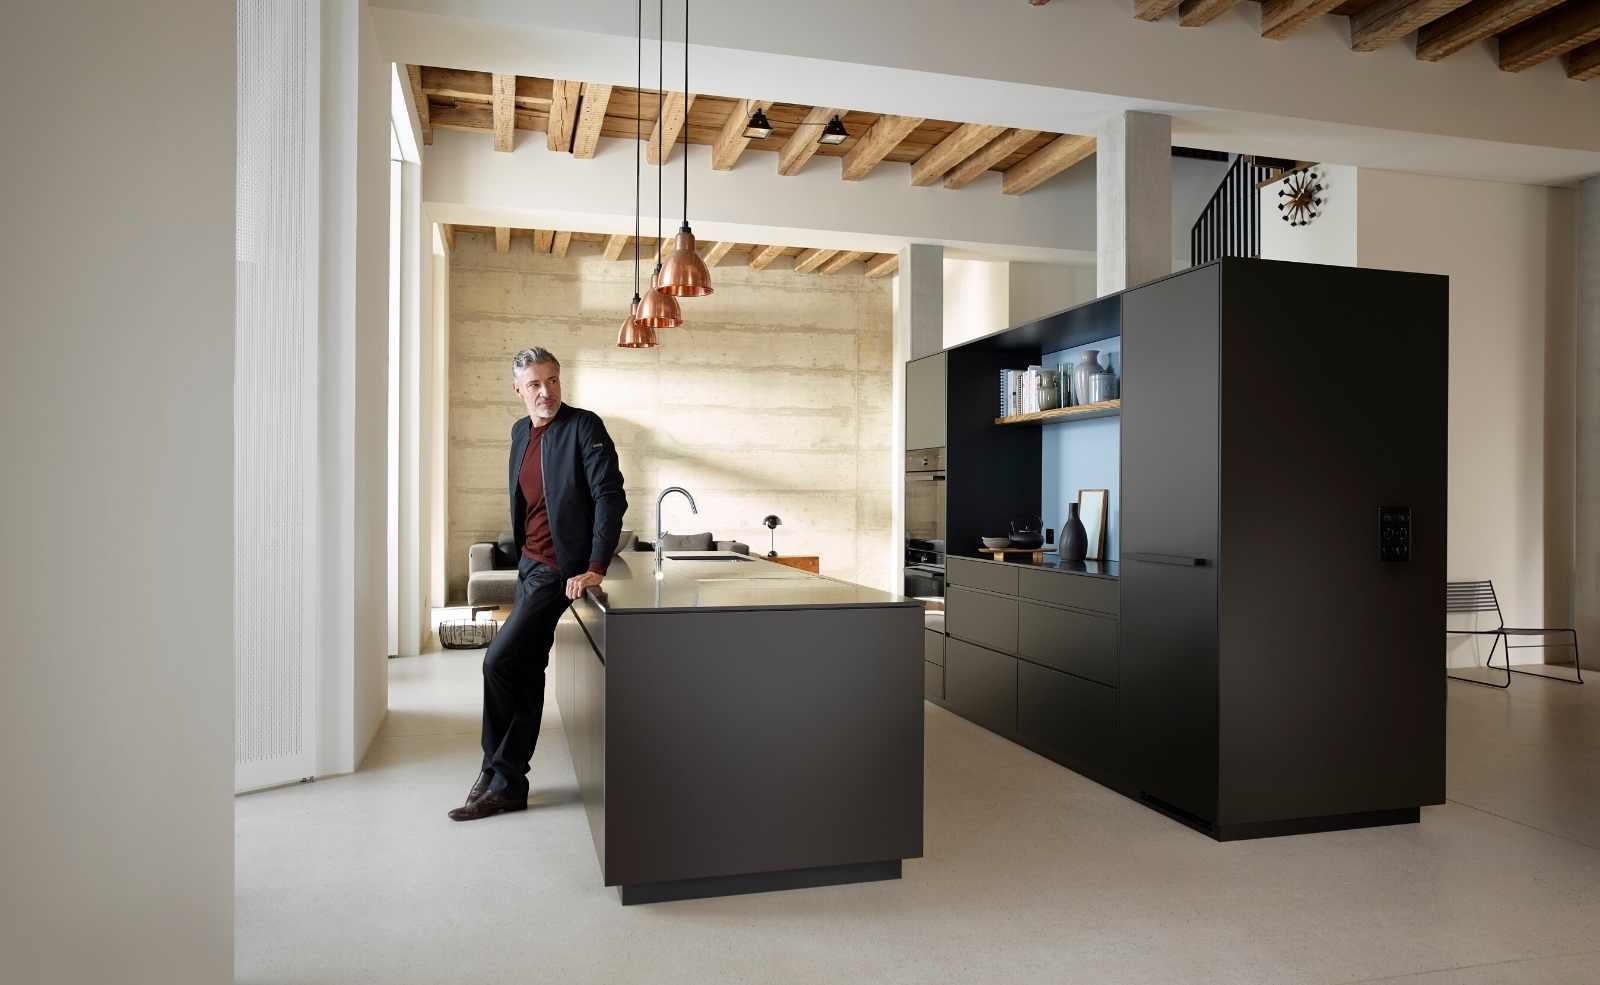 Das kleine Schwarze: Möbel mit dunklen Scharnieren und Schubladen